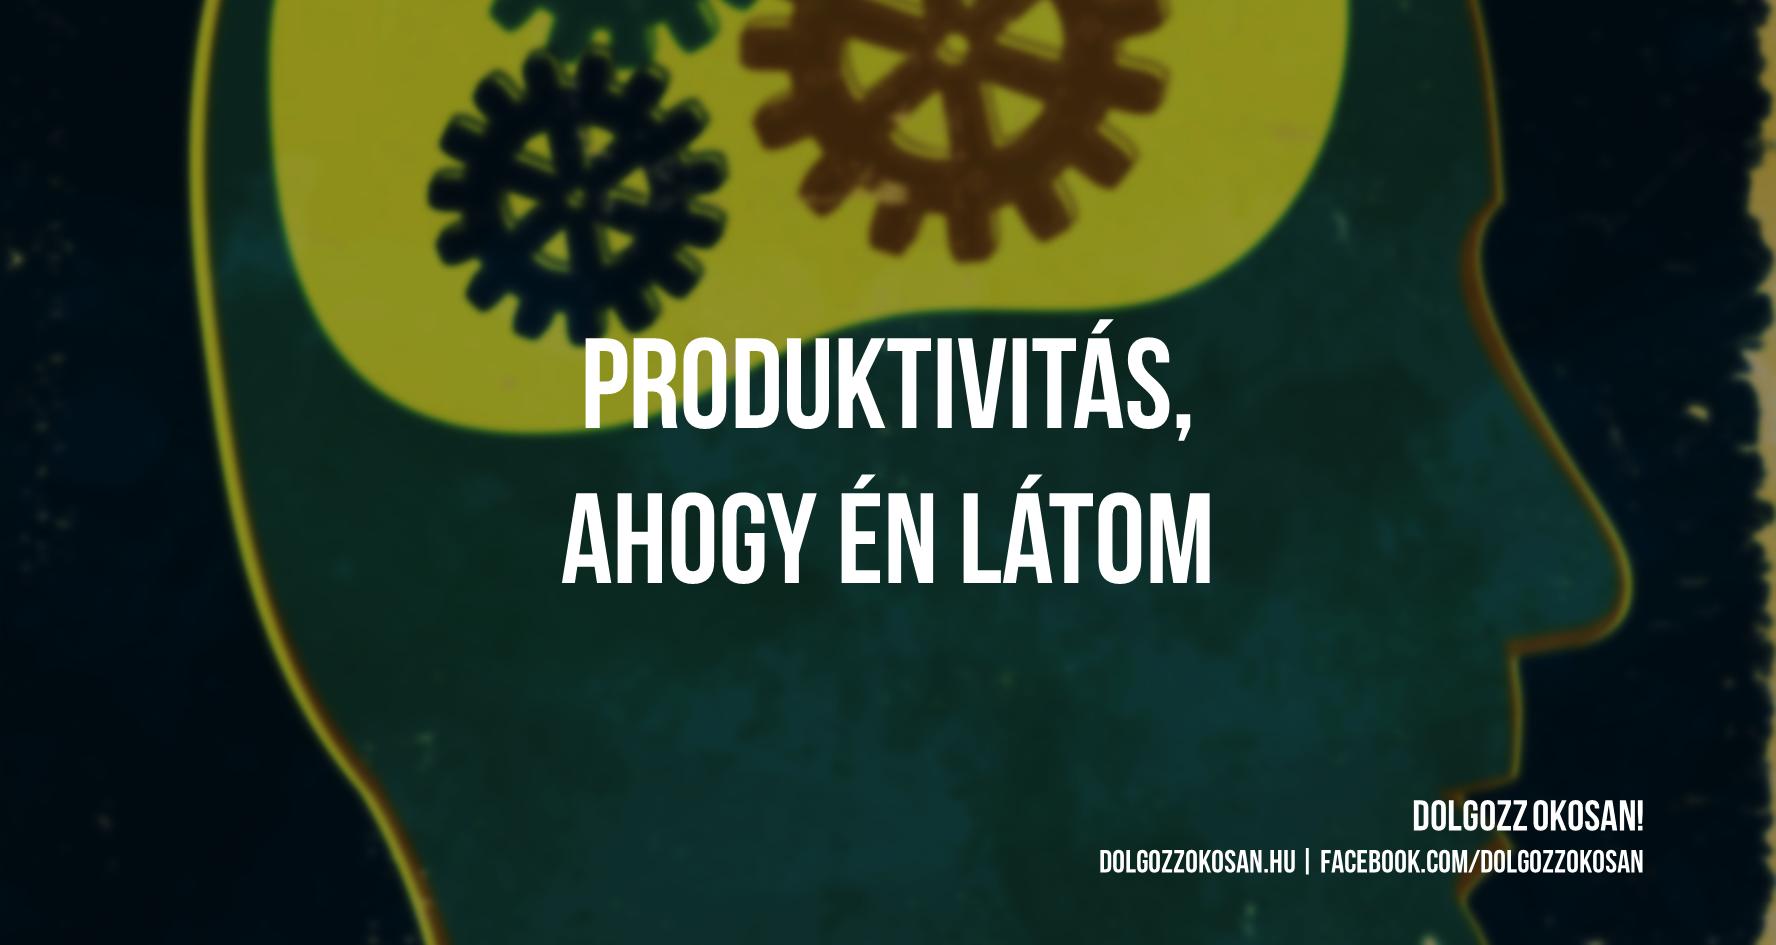 Produktivitás, személyes produktivitás, személyes hatékonyság, időgazdálkodás